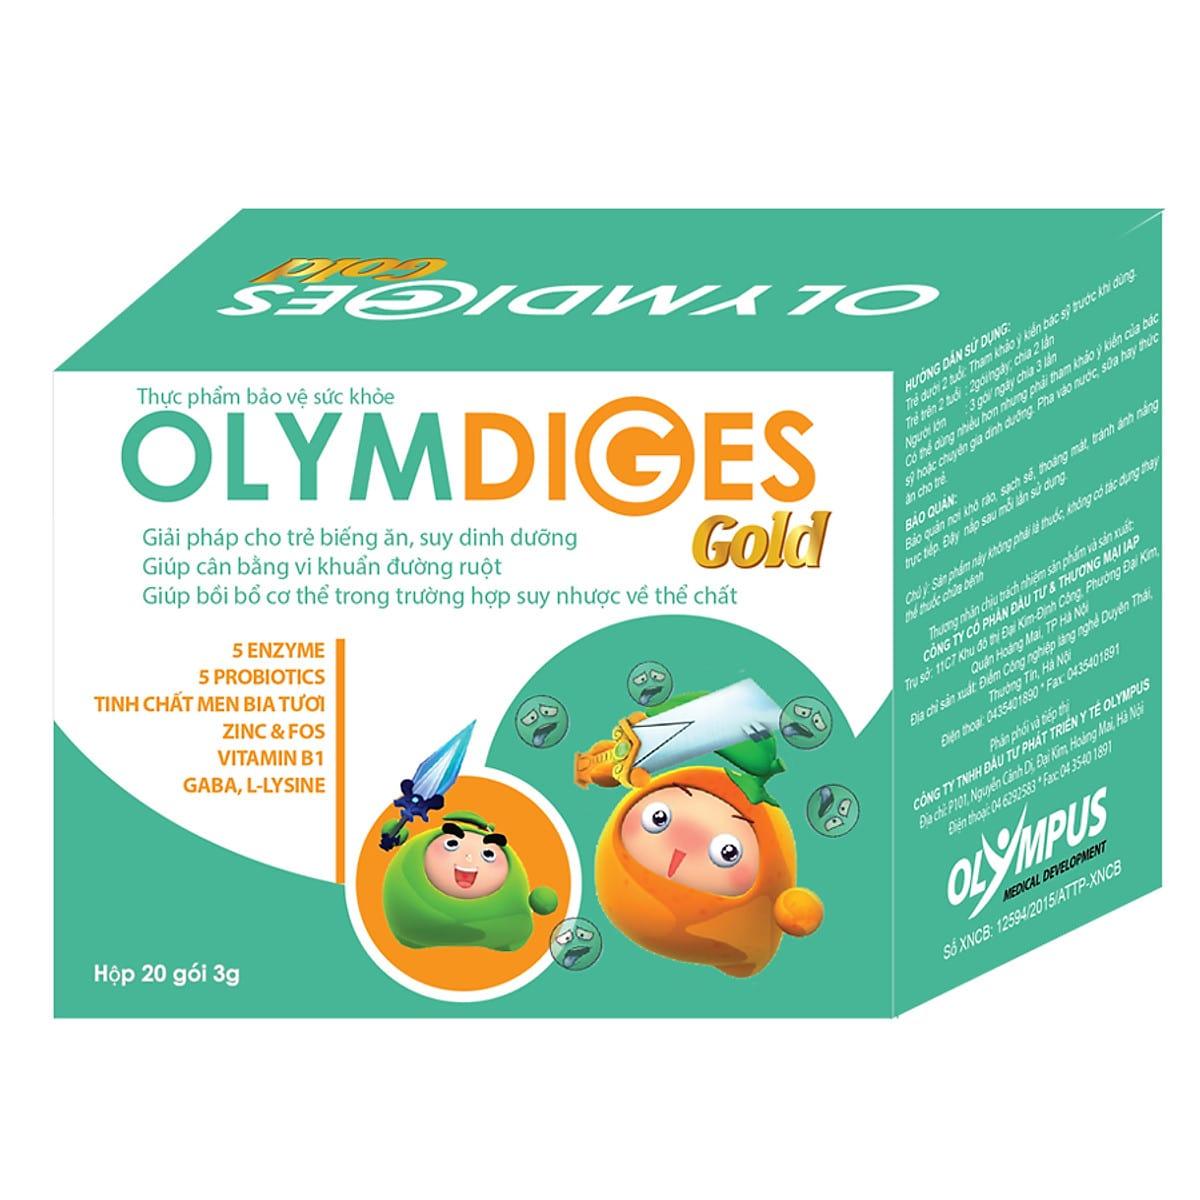 Cốm Olymdiges Gold trợ thủ đắc lực cho hệ tiêu hóa tốt